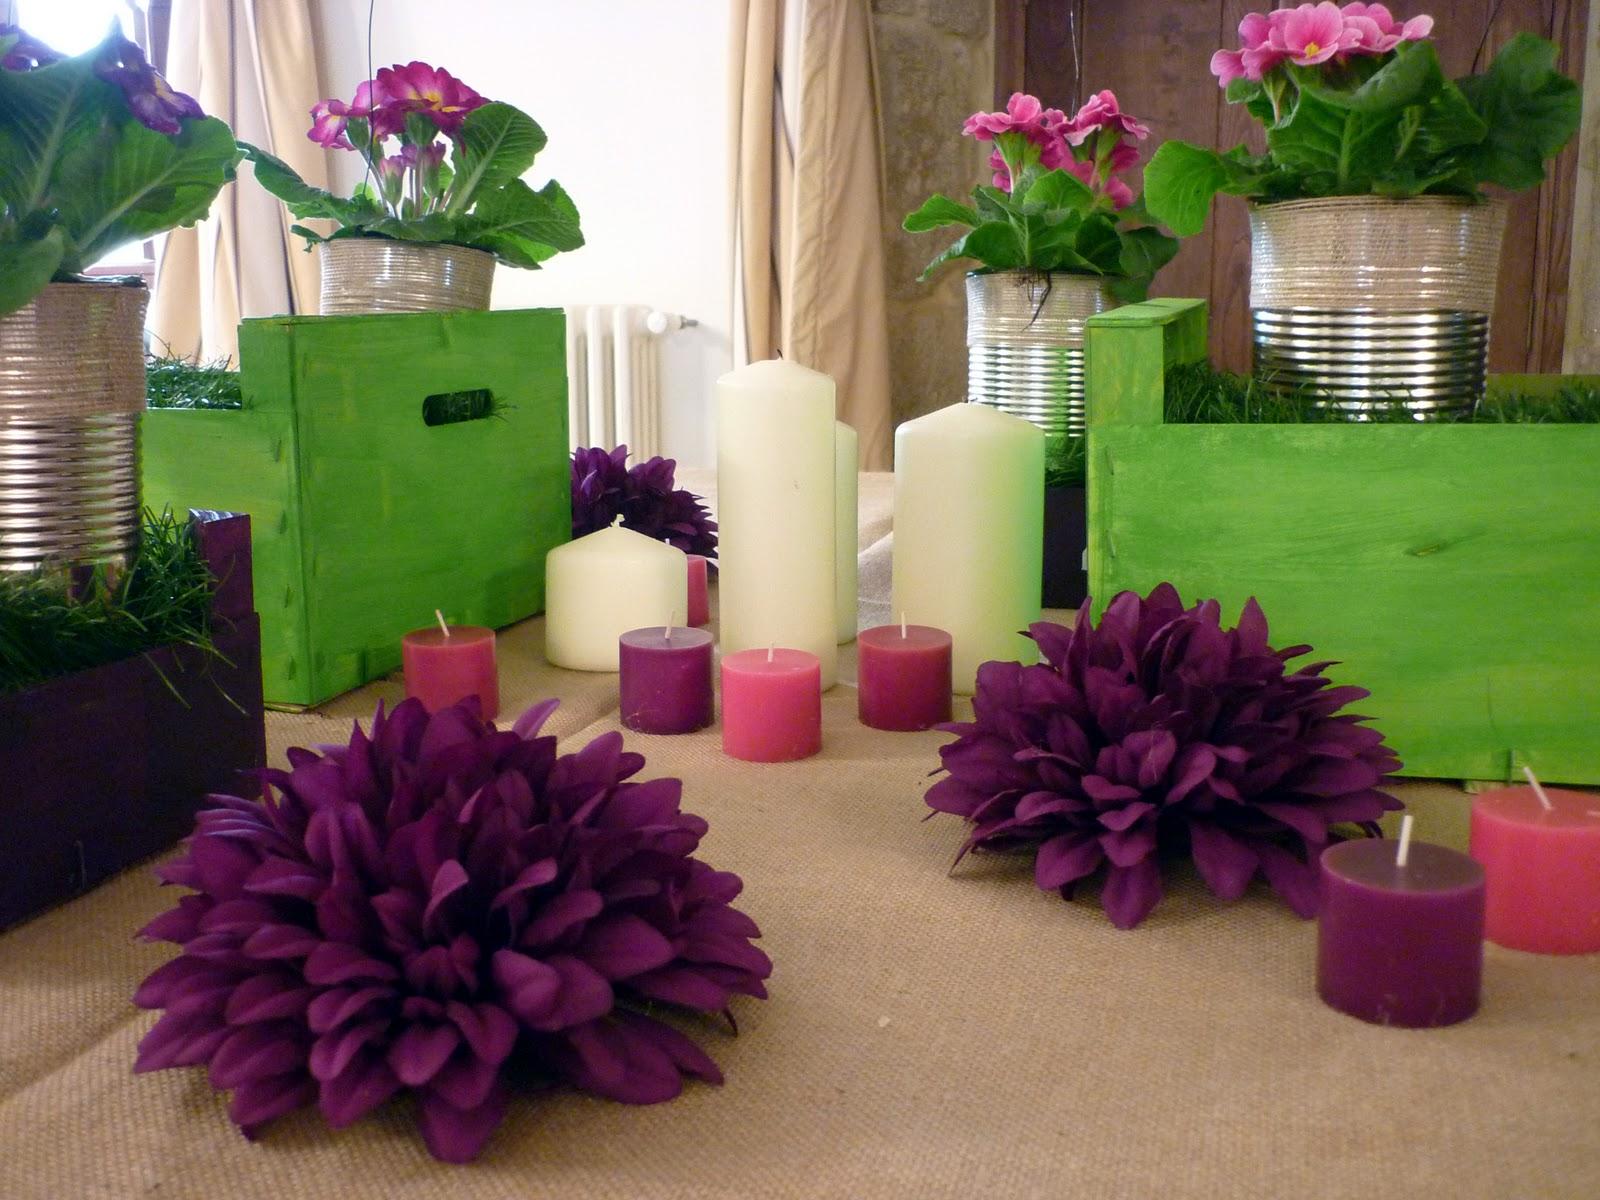 decoracin fiestas y varias rebeca terrn fiesta para celebrar un cumpleaos parte